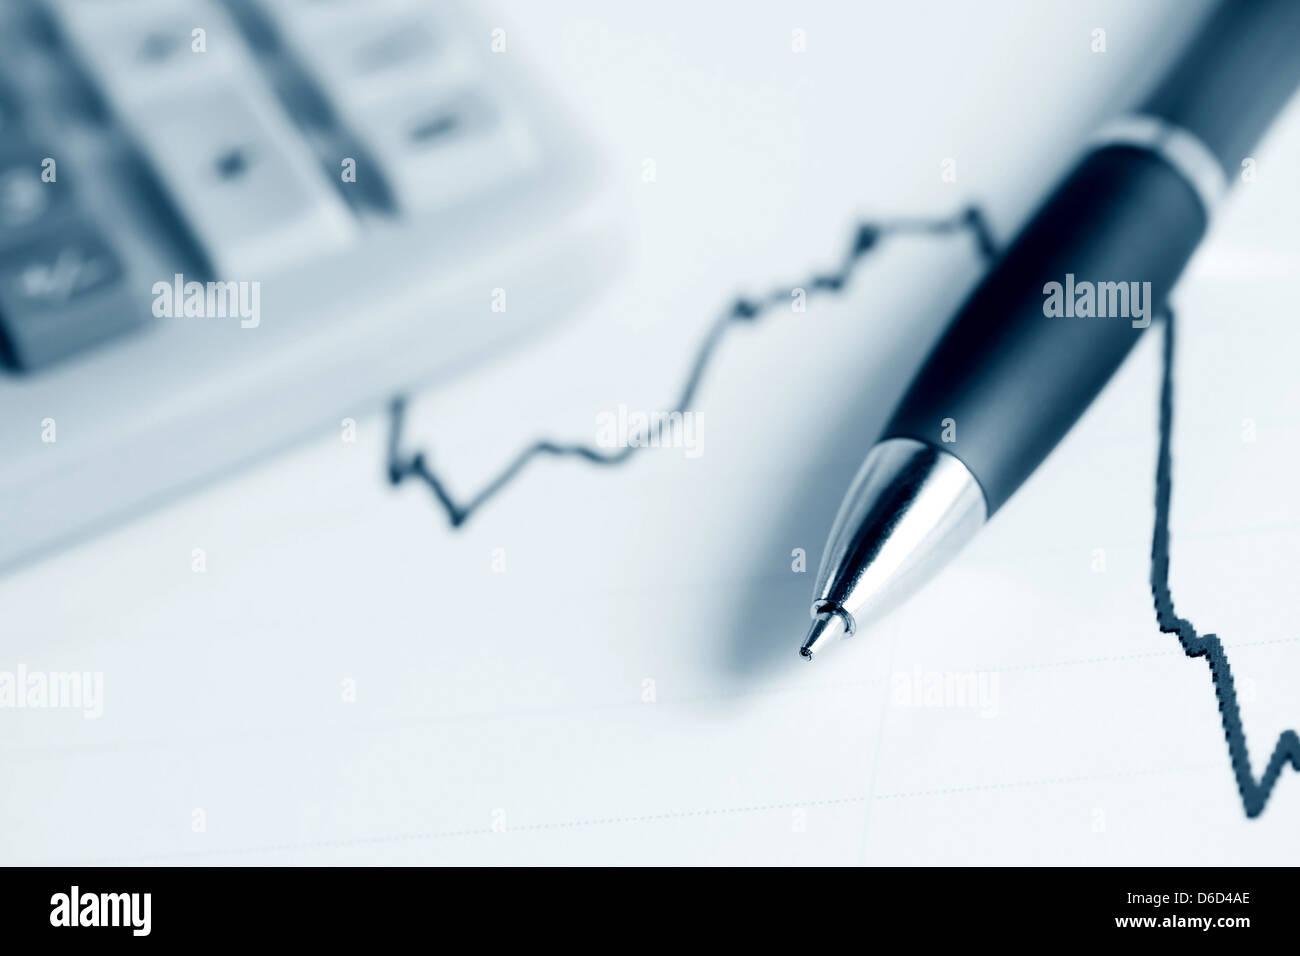 Indice azionario dynamics Immagini Stock